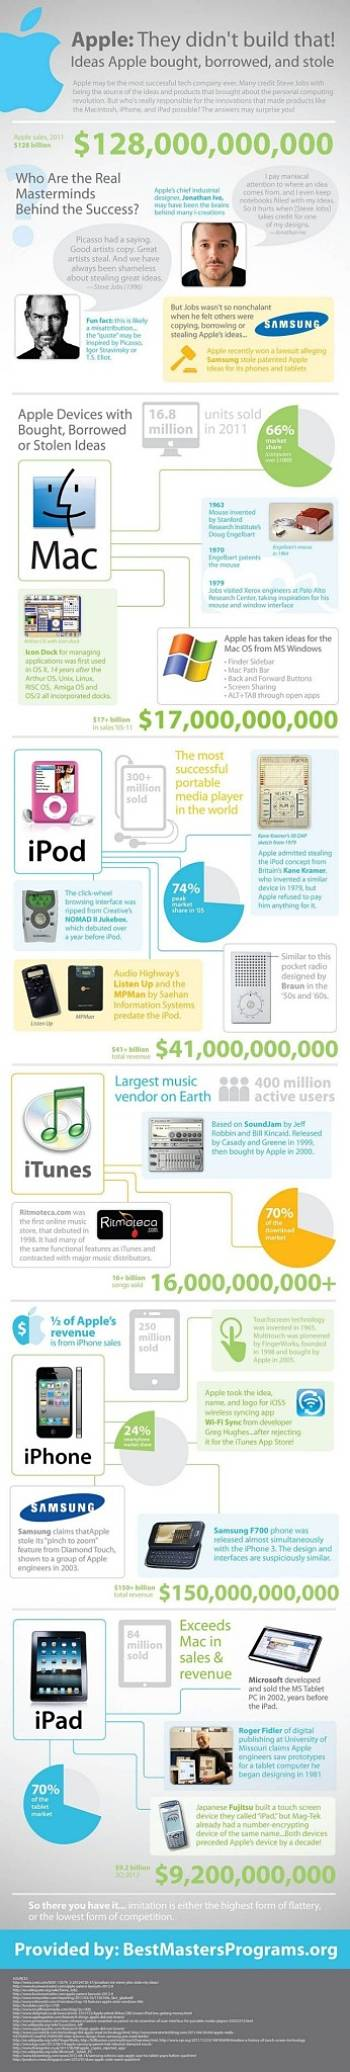 Actualidad Informática. Infografía sobre productos Apple más destacados. Rafael Barzanallana. UMU